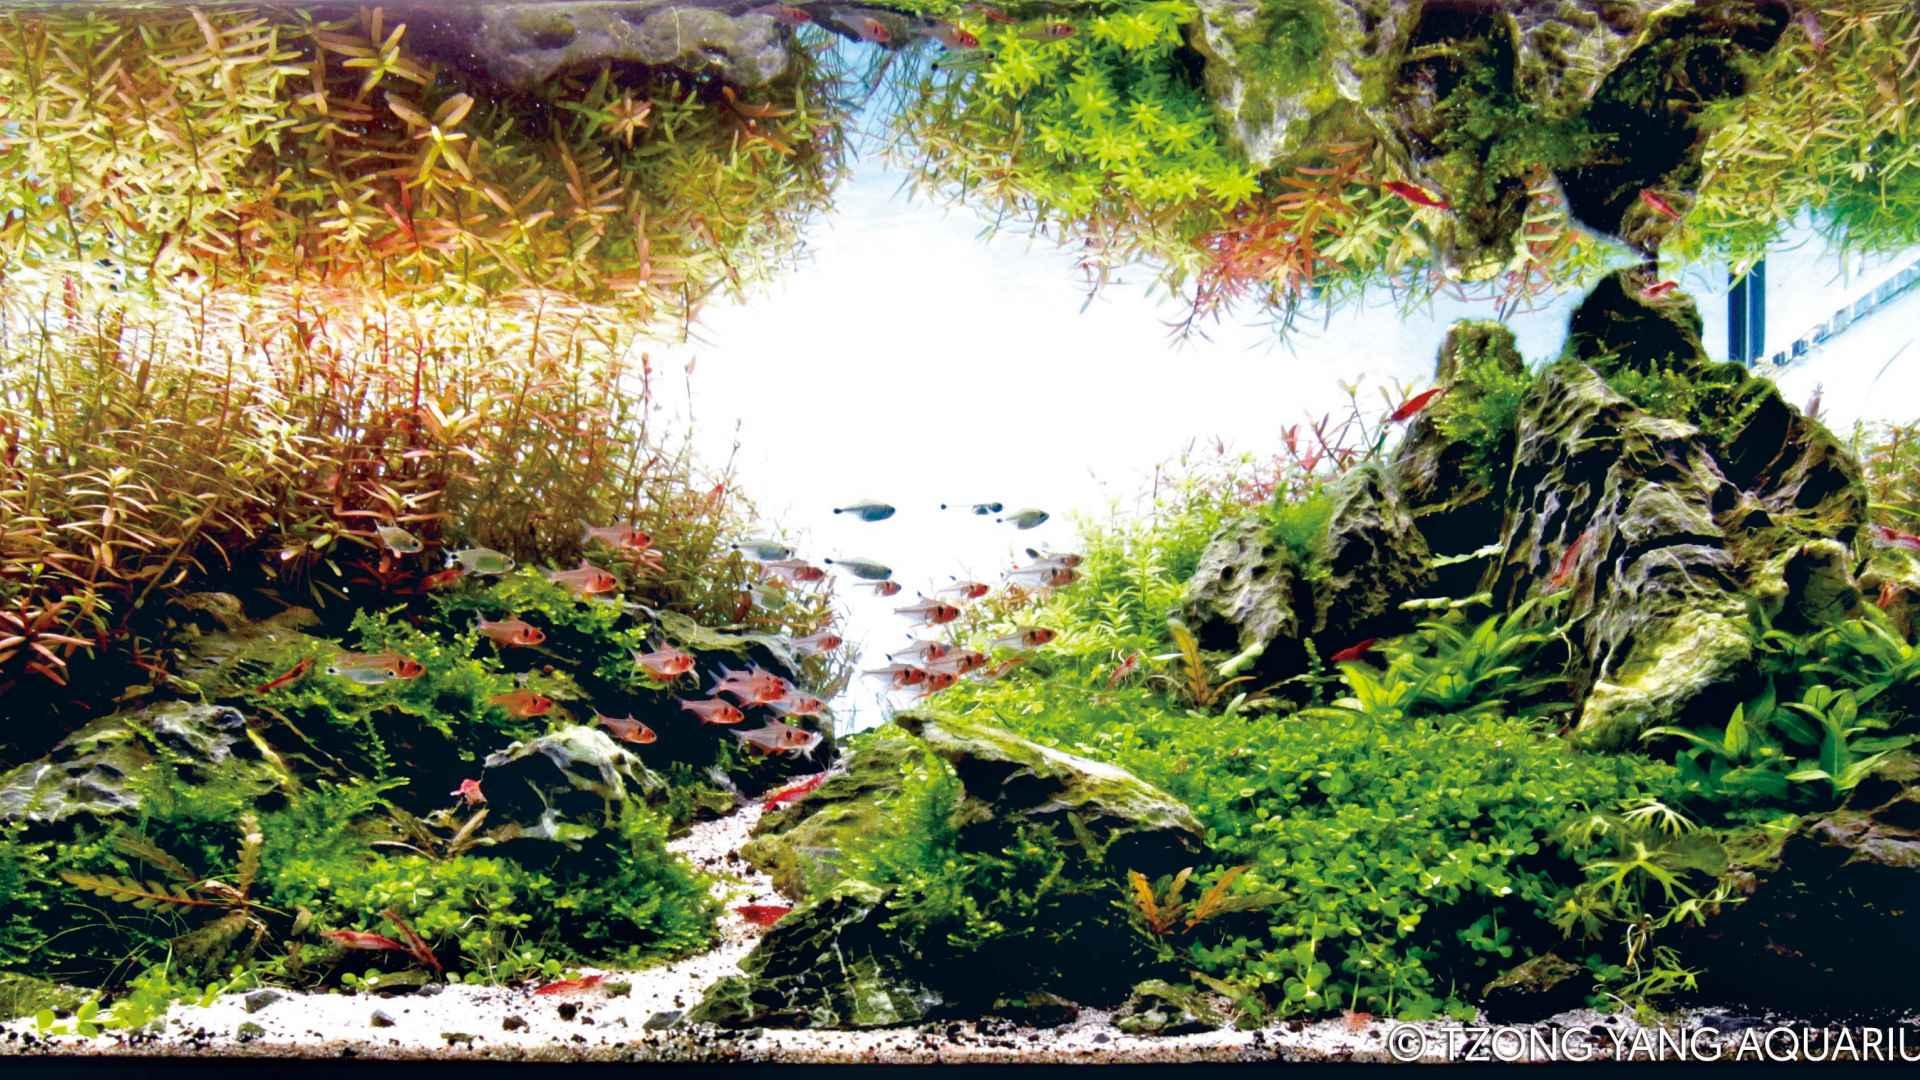 伊士达IIAC2015水草造景大赛51~60造景图片欣赏